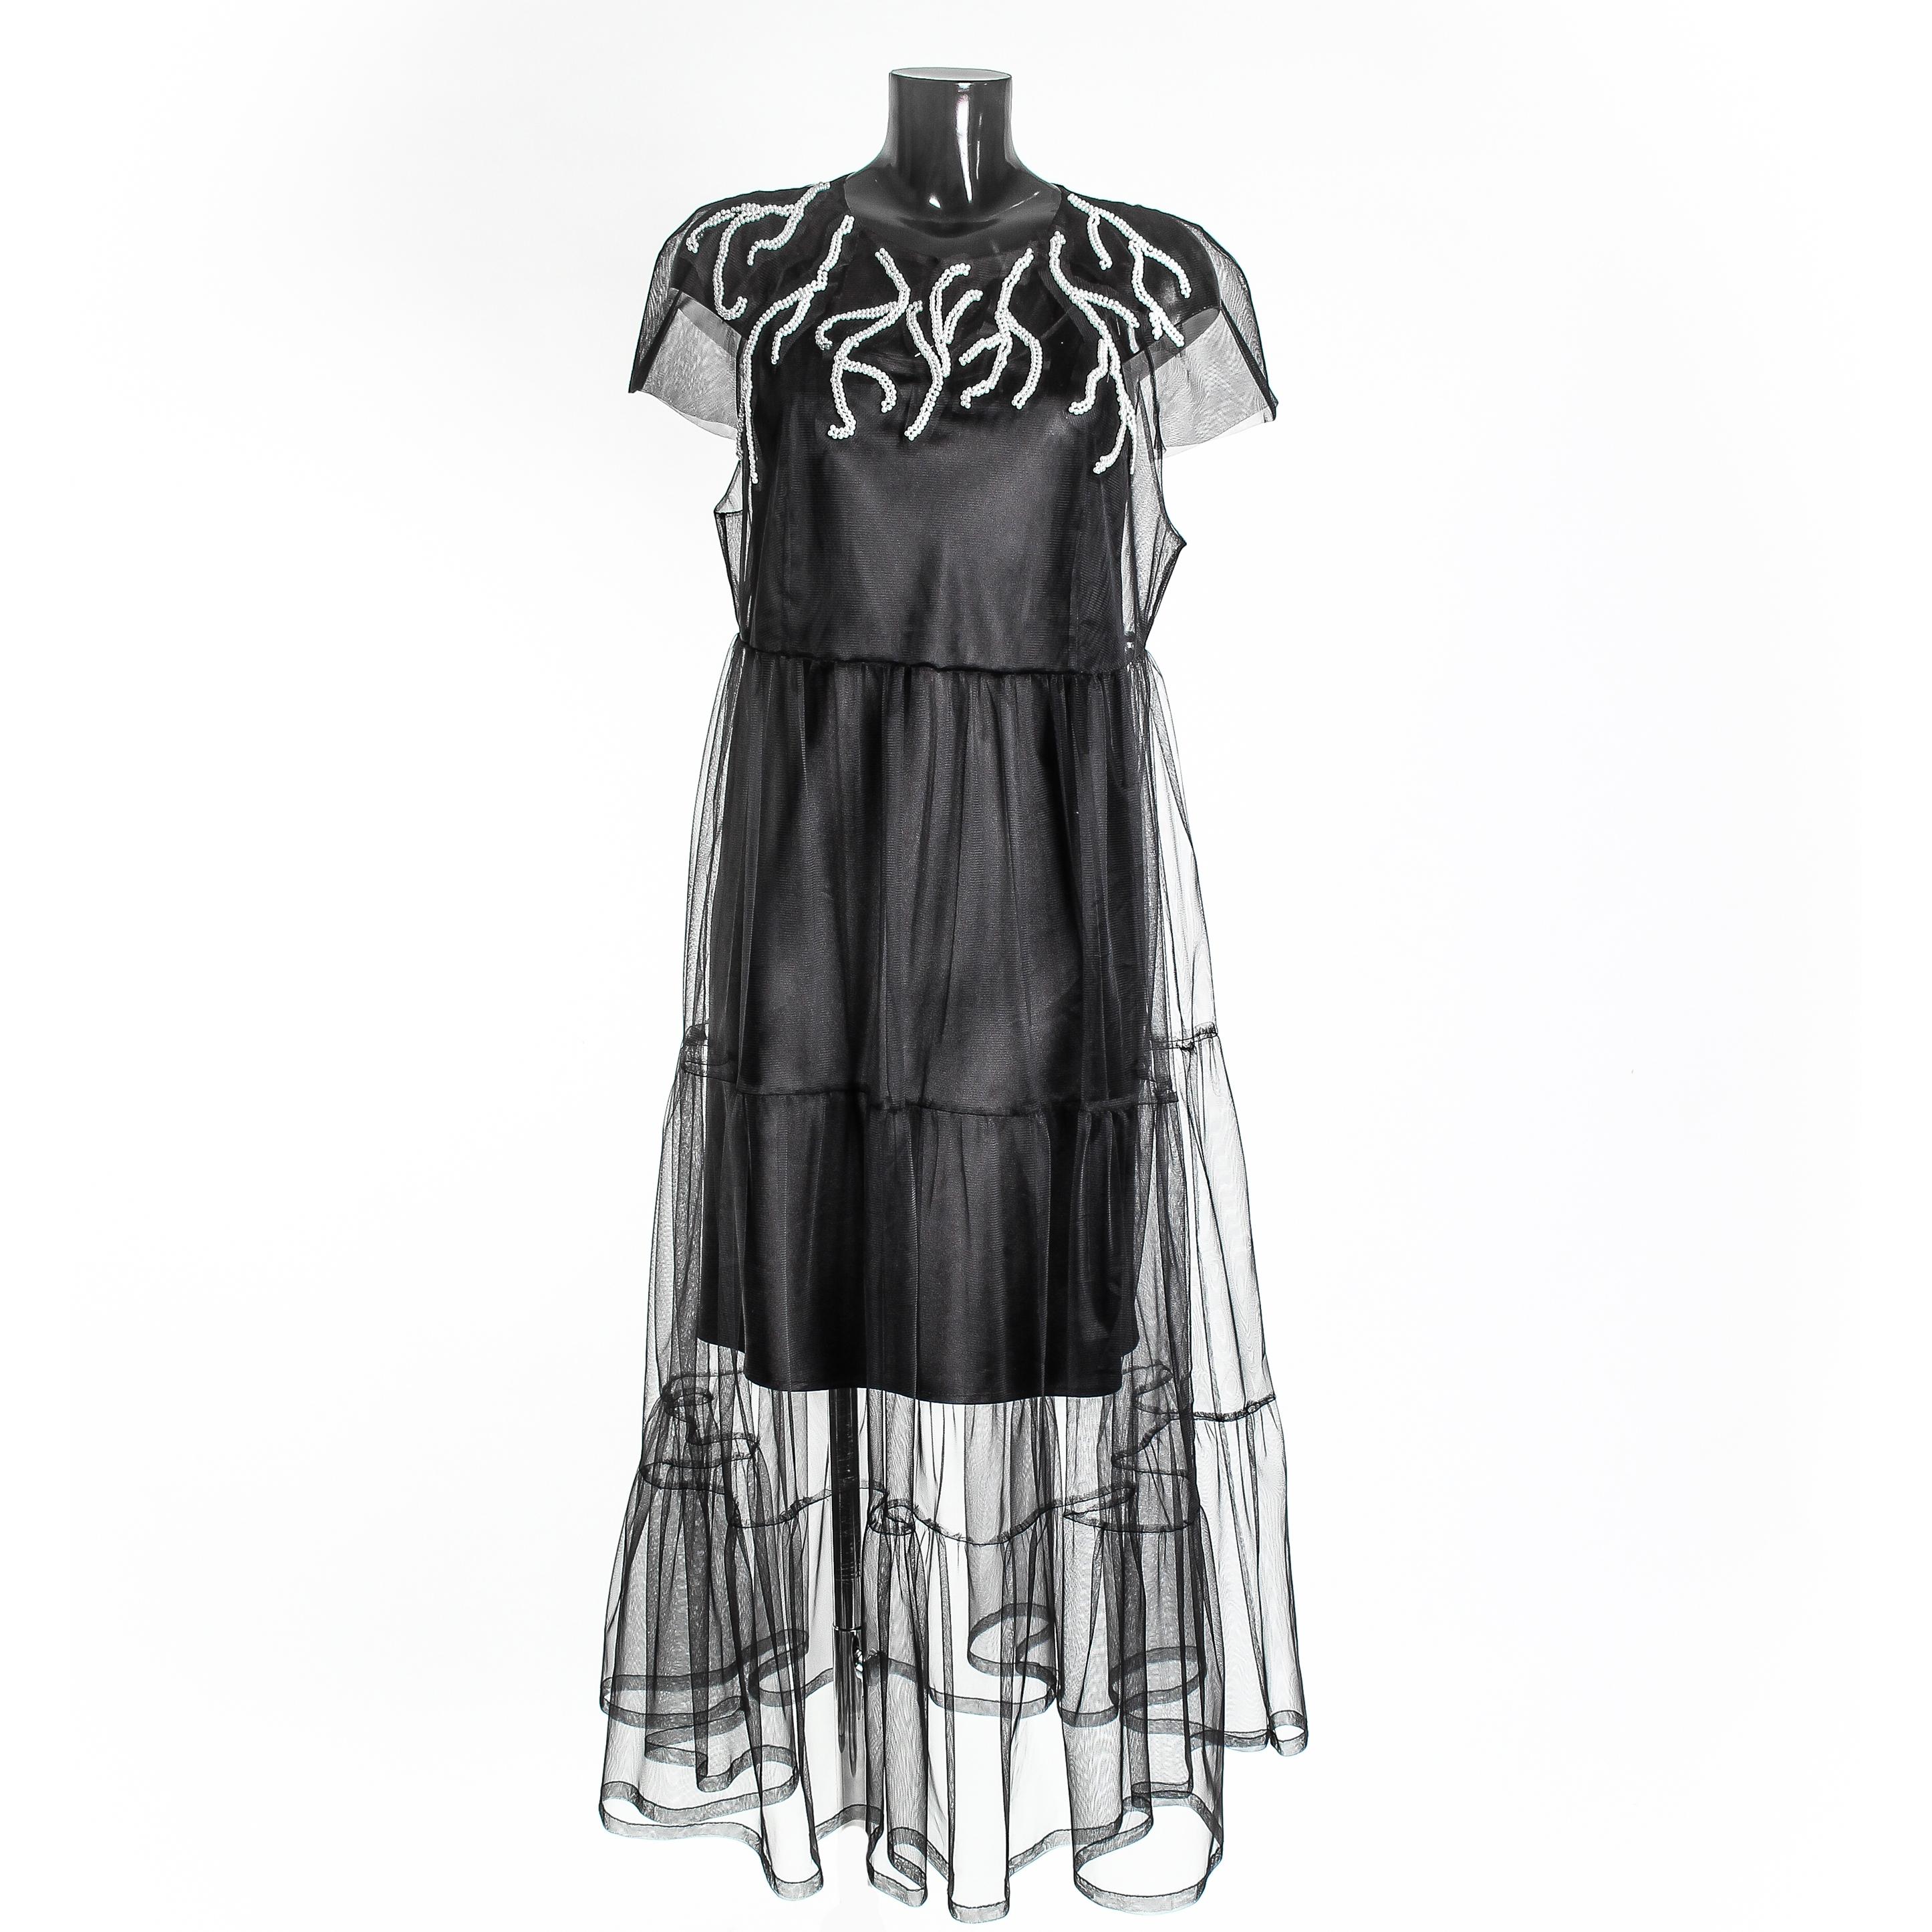 Вариант вышивки на платье